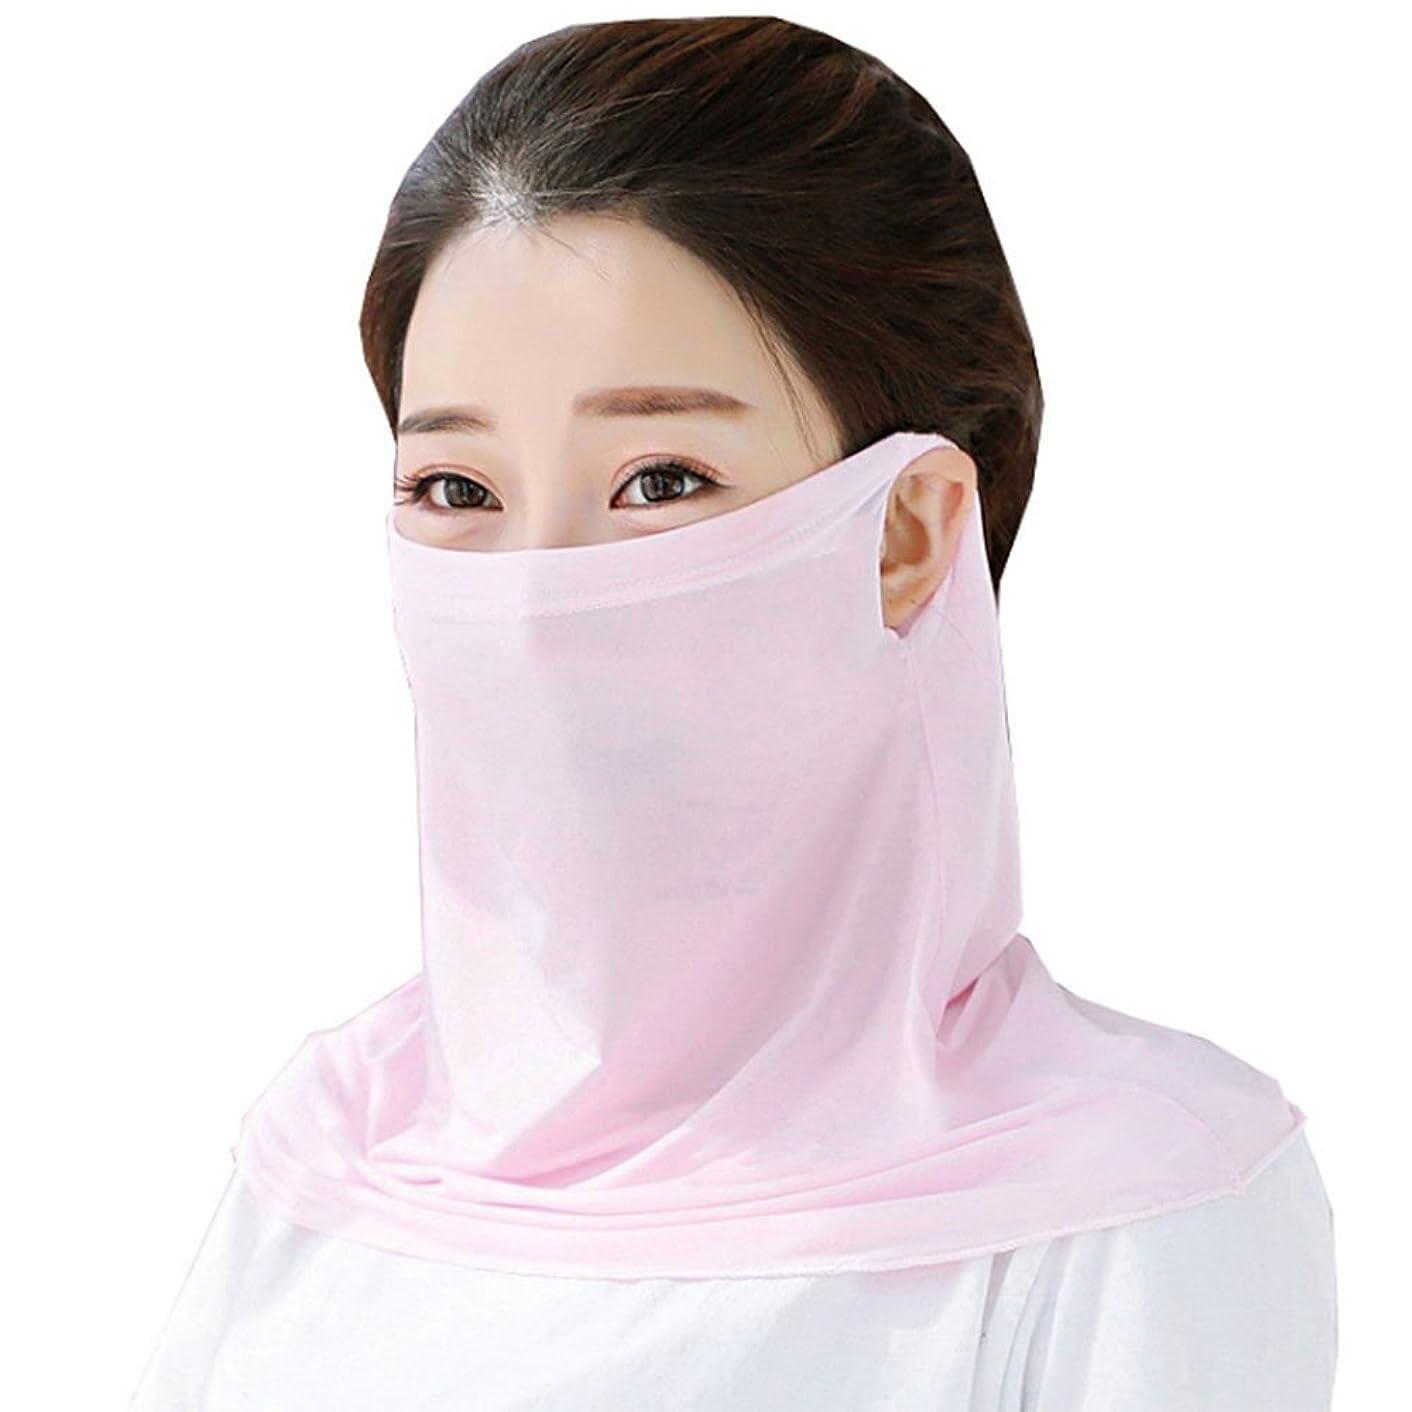 便利さ証言絞るGOIOD マスクUV保護98%アイスシルクネックマスク男性と女性の日焼け防止サンシェードマスクカバーフェイス鼻開口部呼吸しやすい涼しい